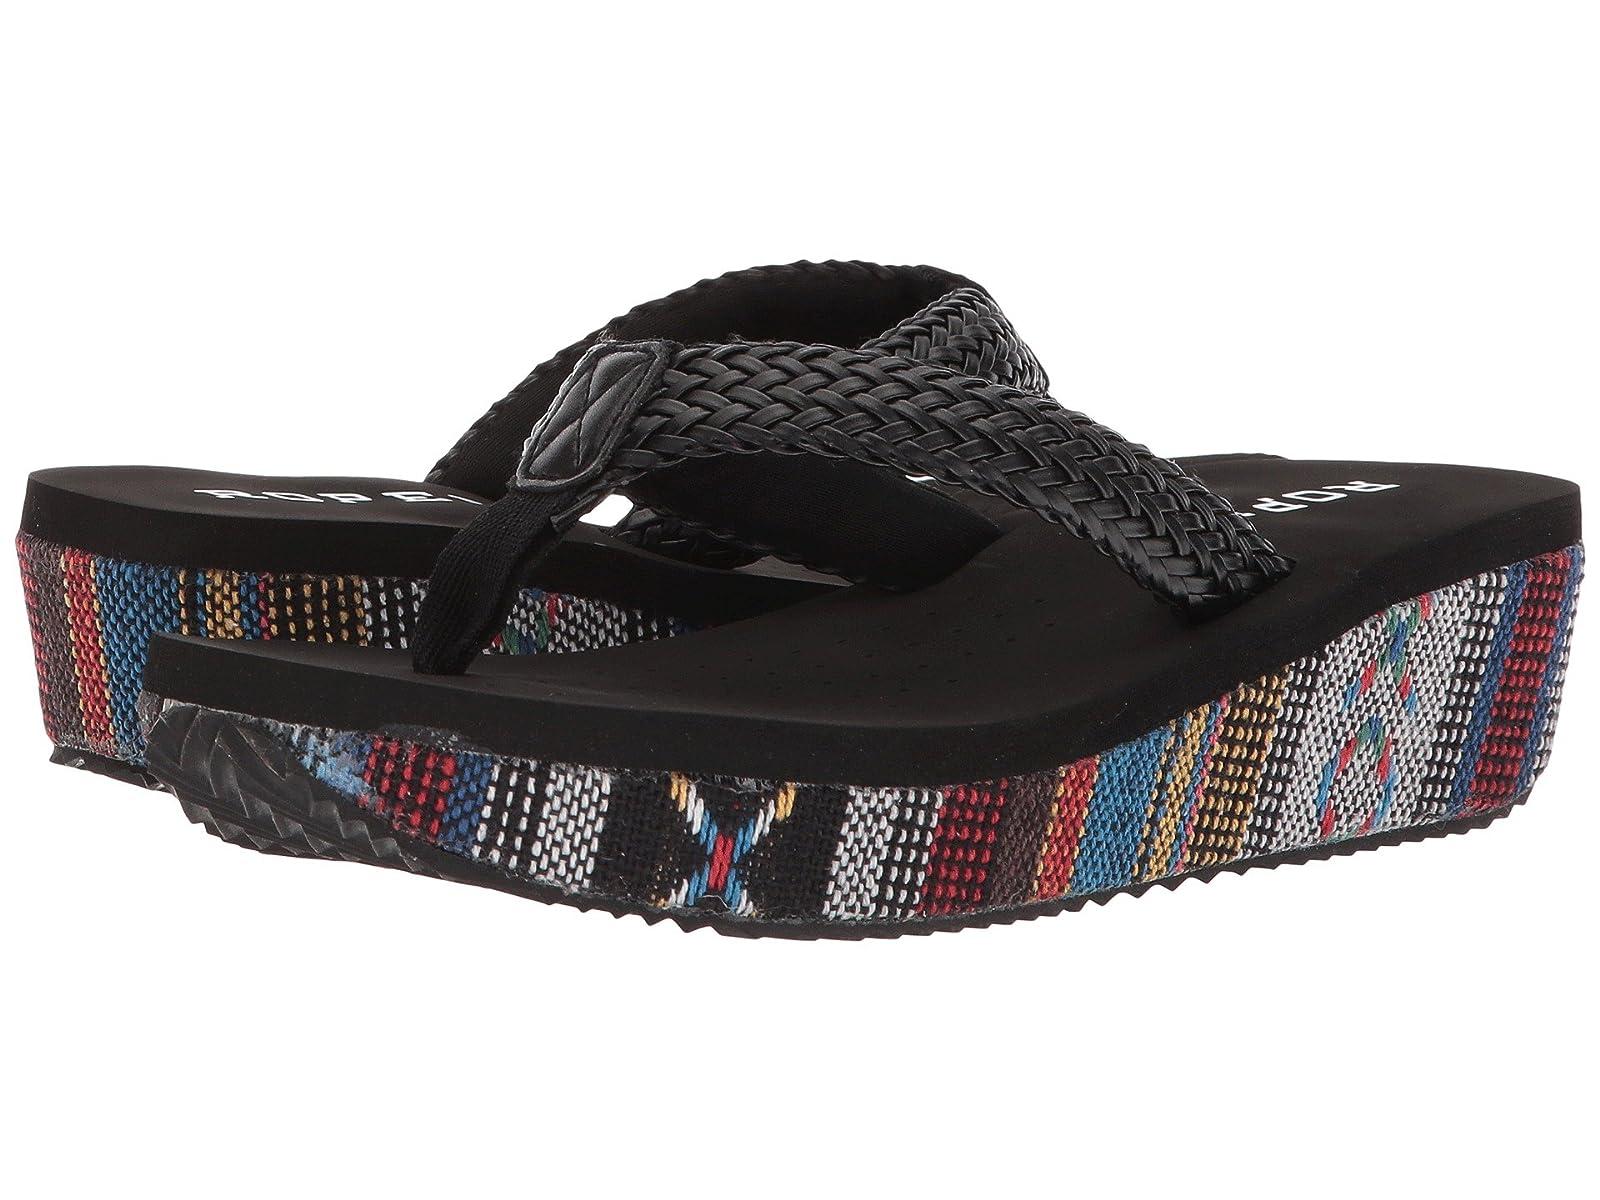 Roper FloraAtmospheric grades have affordable shoes